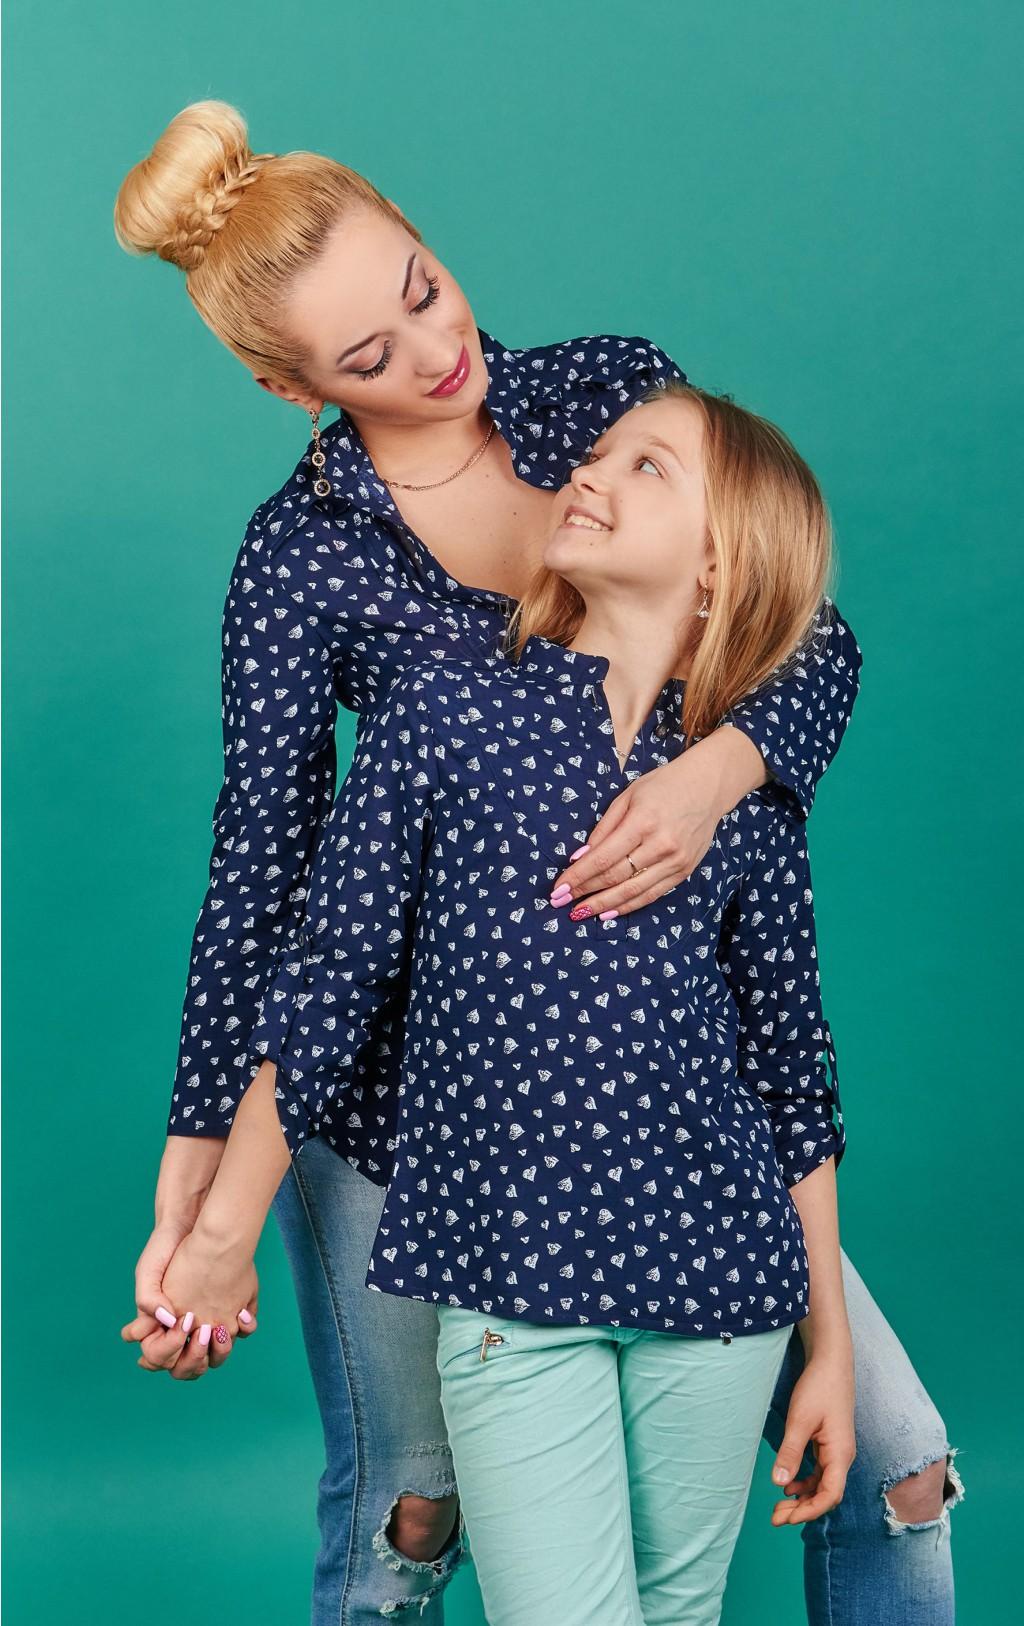 Сбор заказов. Нарядная и повседневная мода для девочек. Новый год, как повод побаловать своих любимых модниц новыми нарядами. Выкуп 1